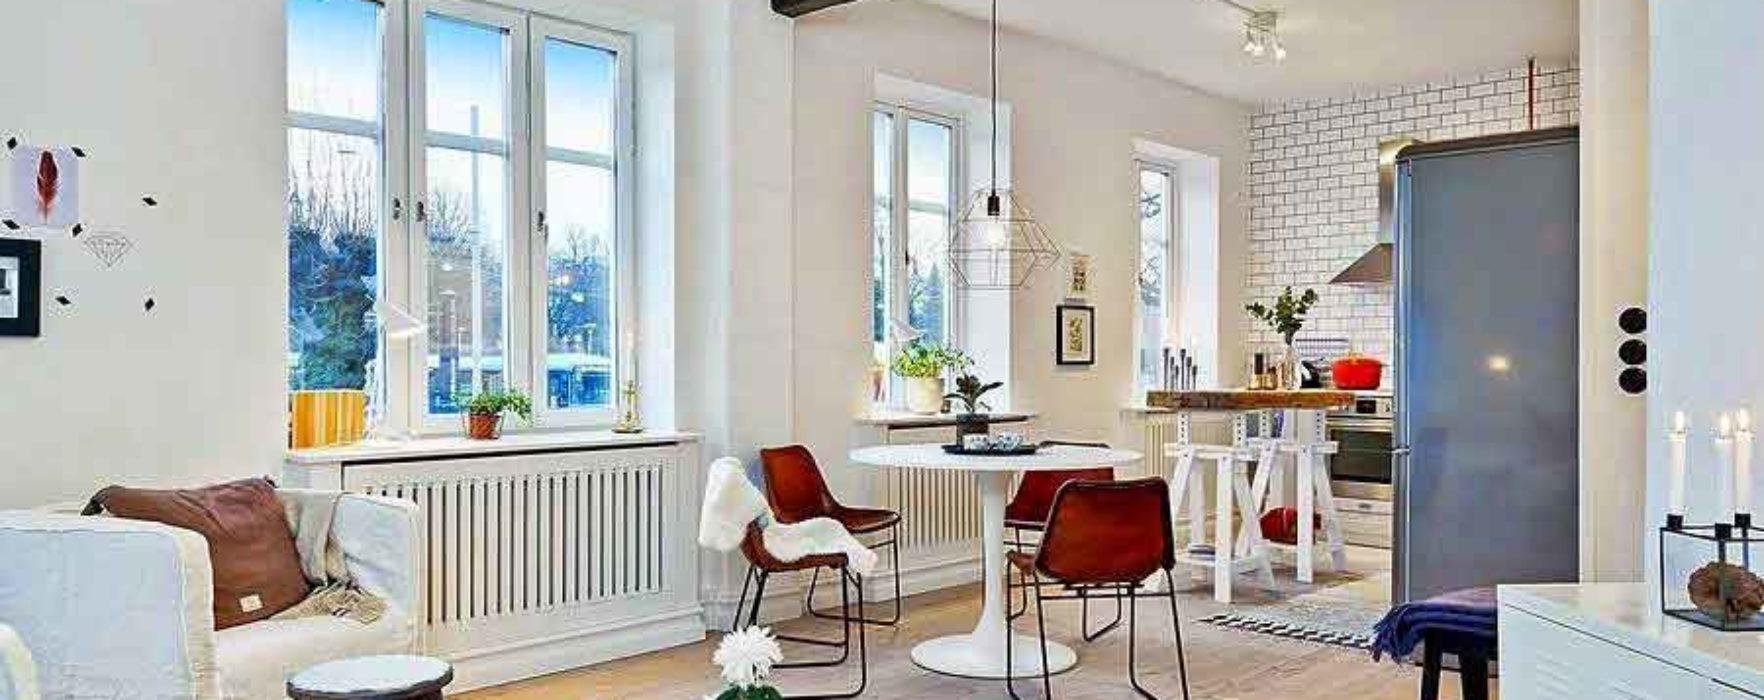 Idei de amenajare moderne si ieftine pentru locuinta ta